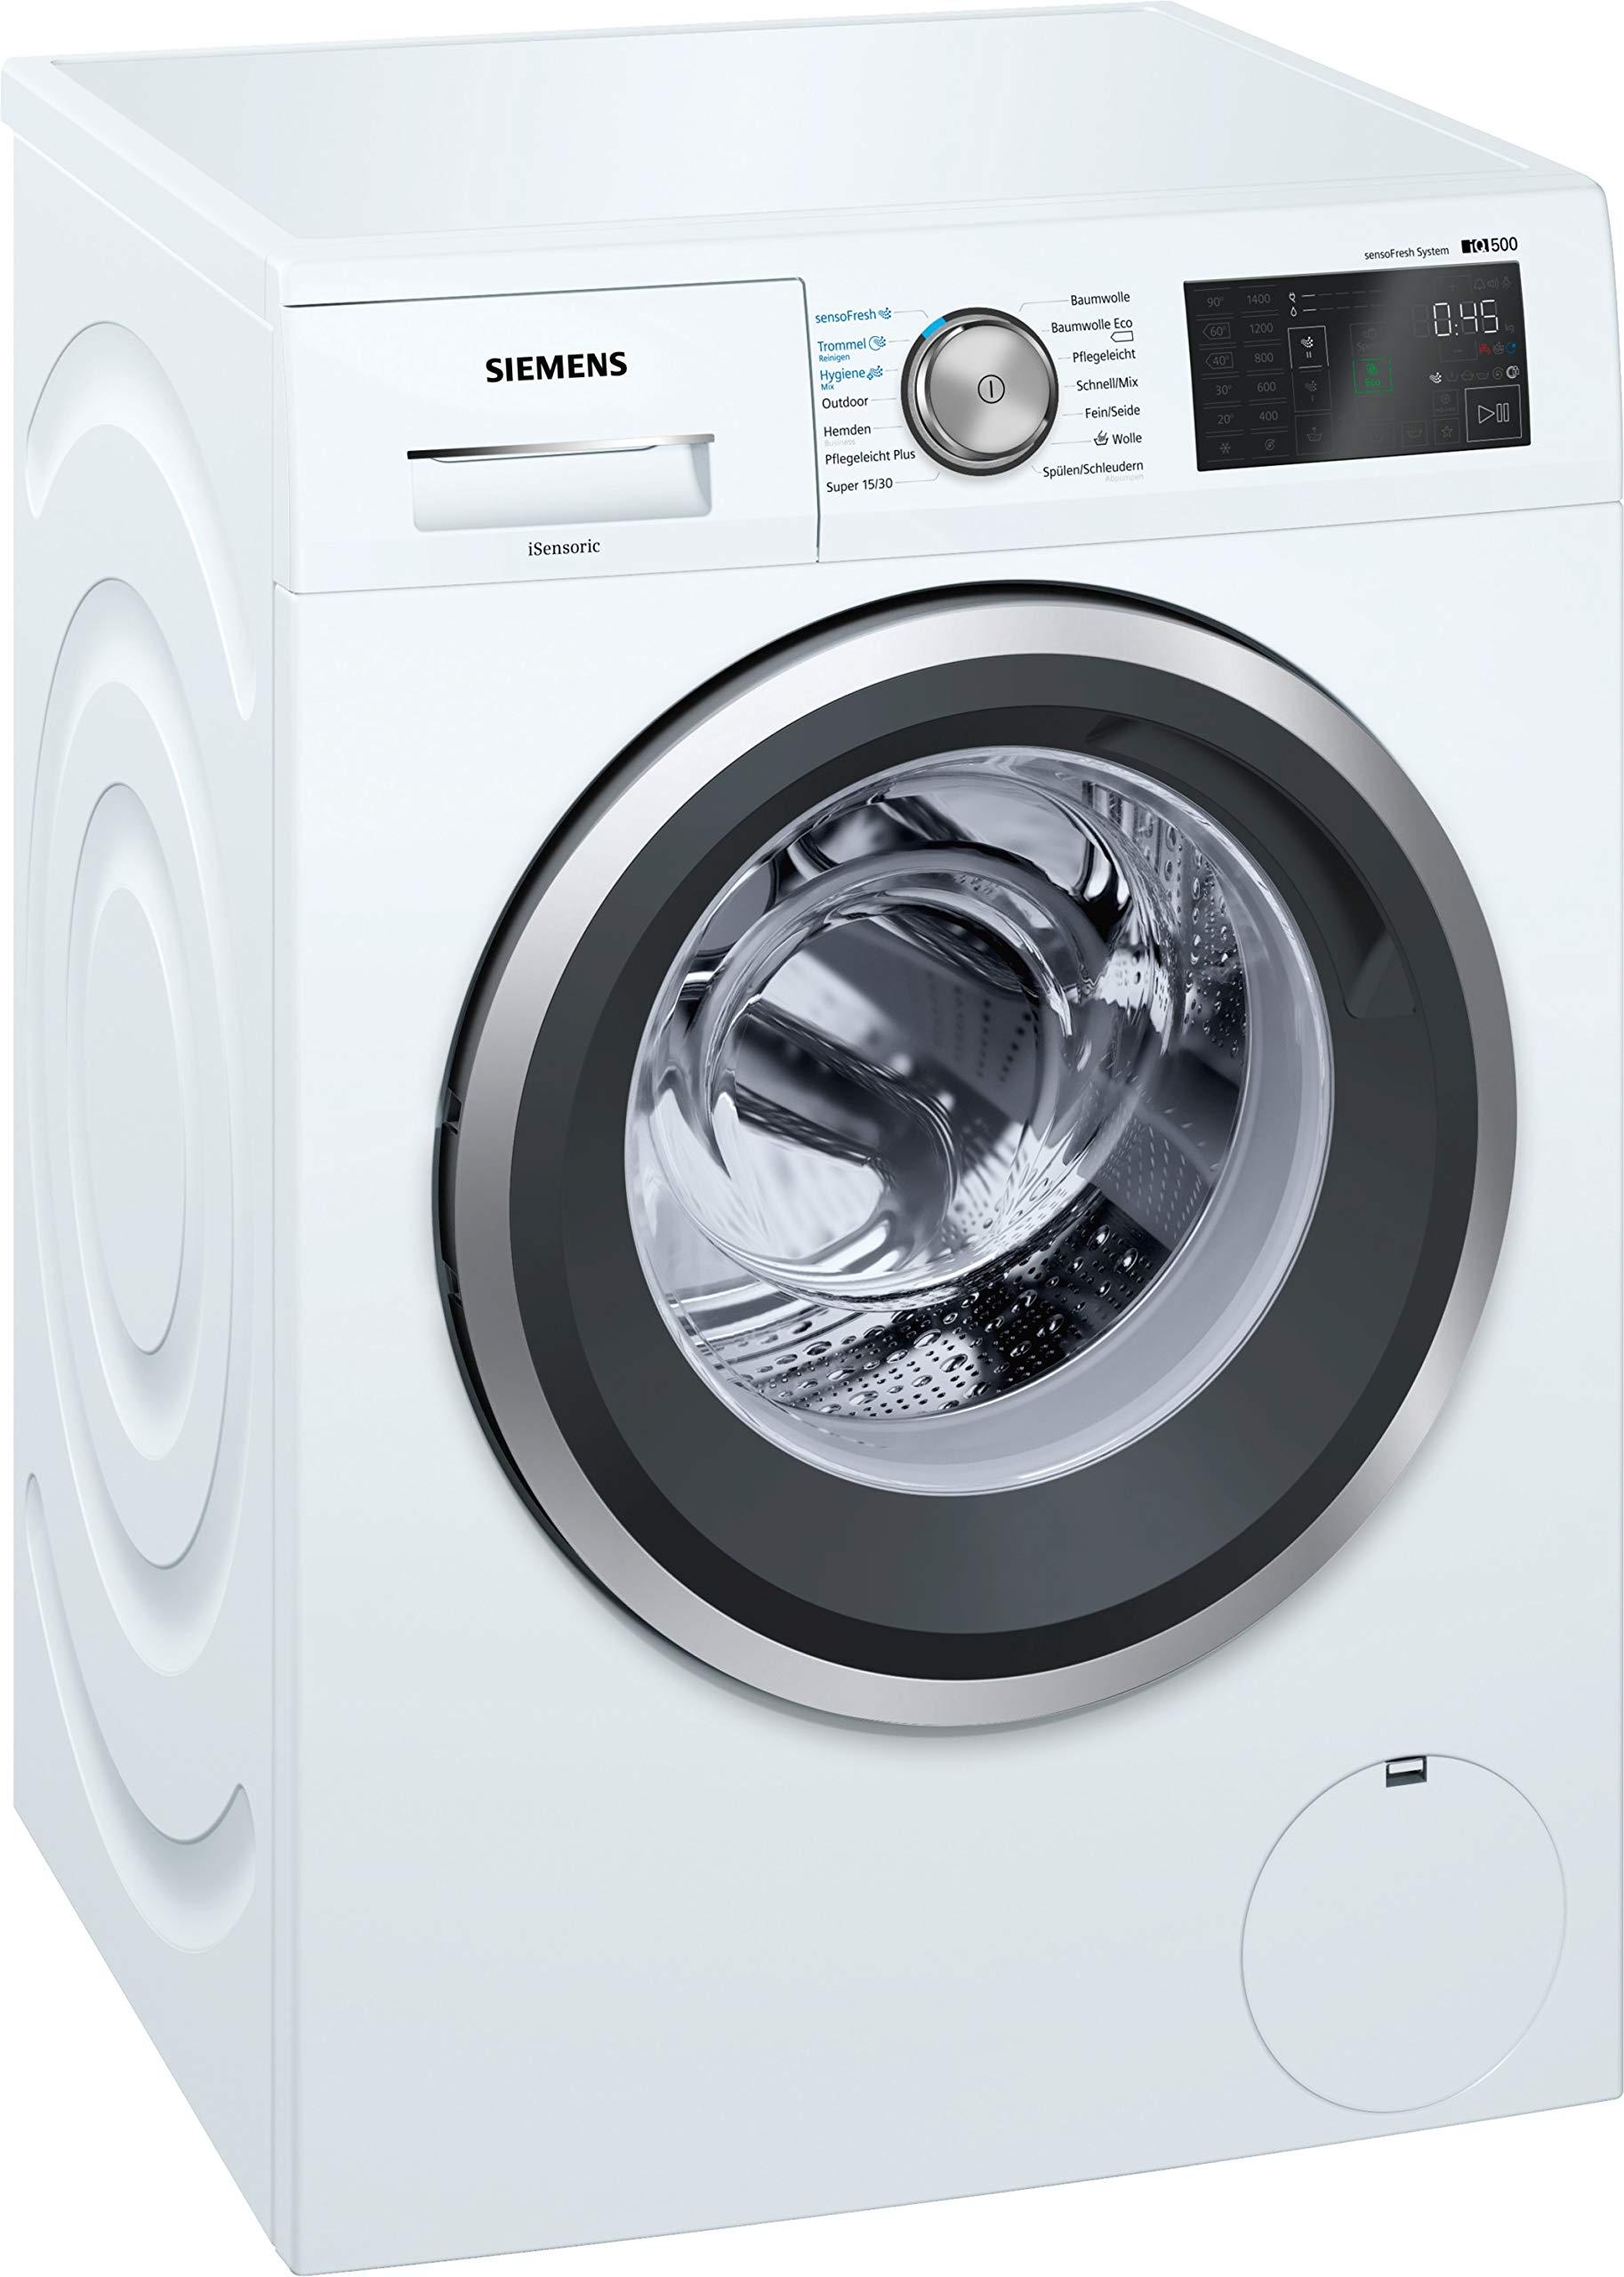 Siemens-iQ500-WM14T7A1-Waschmaschine-800-kg-A-137-kWh-1400-Umin-sensoFresh-Programm-Nachlegefunktion-Hygiene-Programm-Trommel-reinigen-Programm